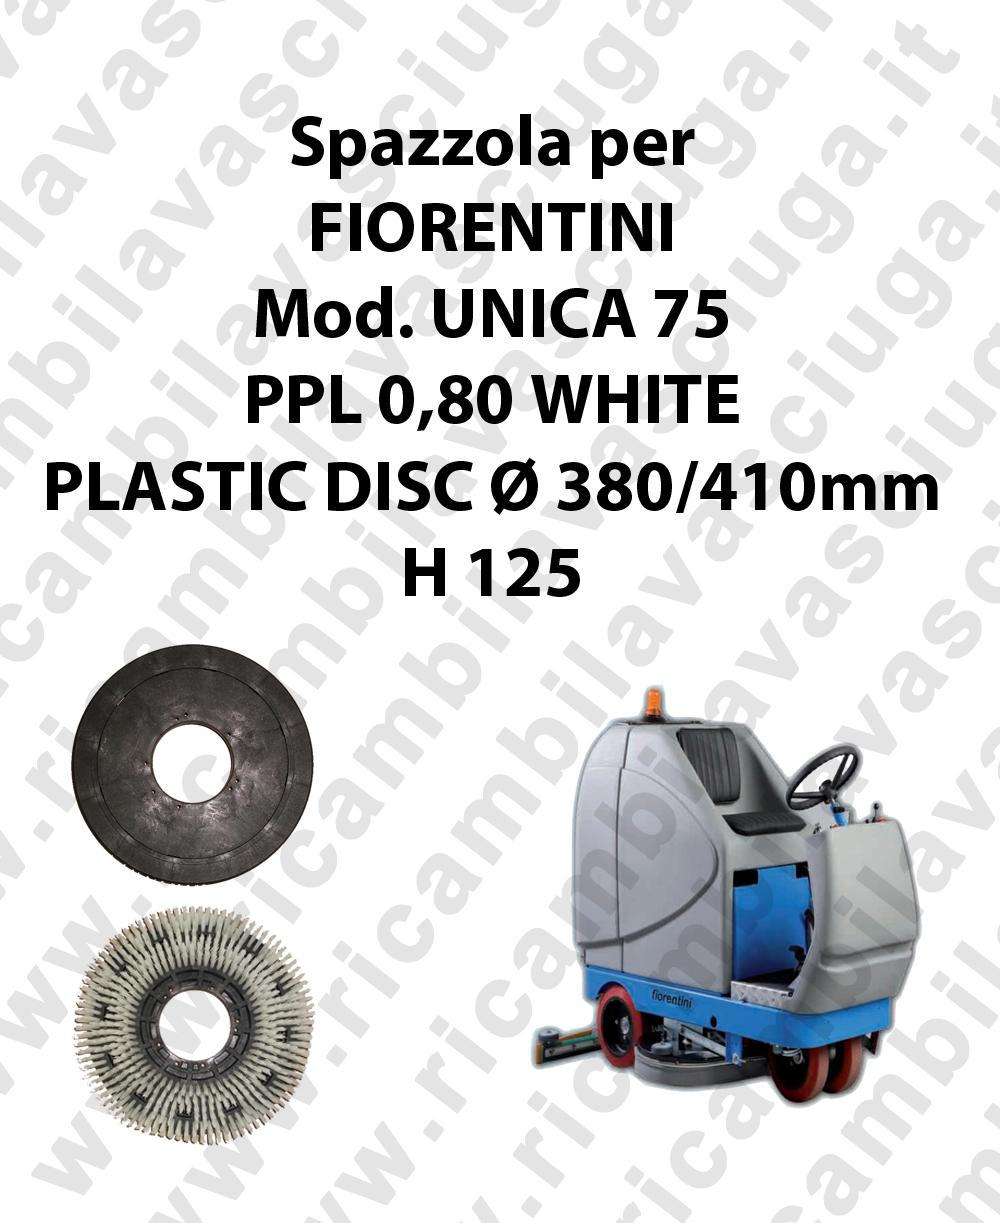 Spazzola lavare PPL 0,80 WHITE per lavapavimenti FIORENTINI modello UNICA 75